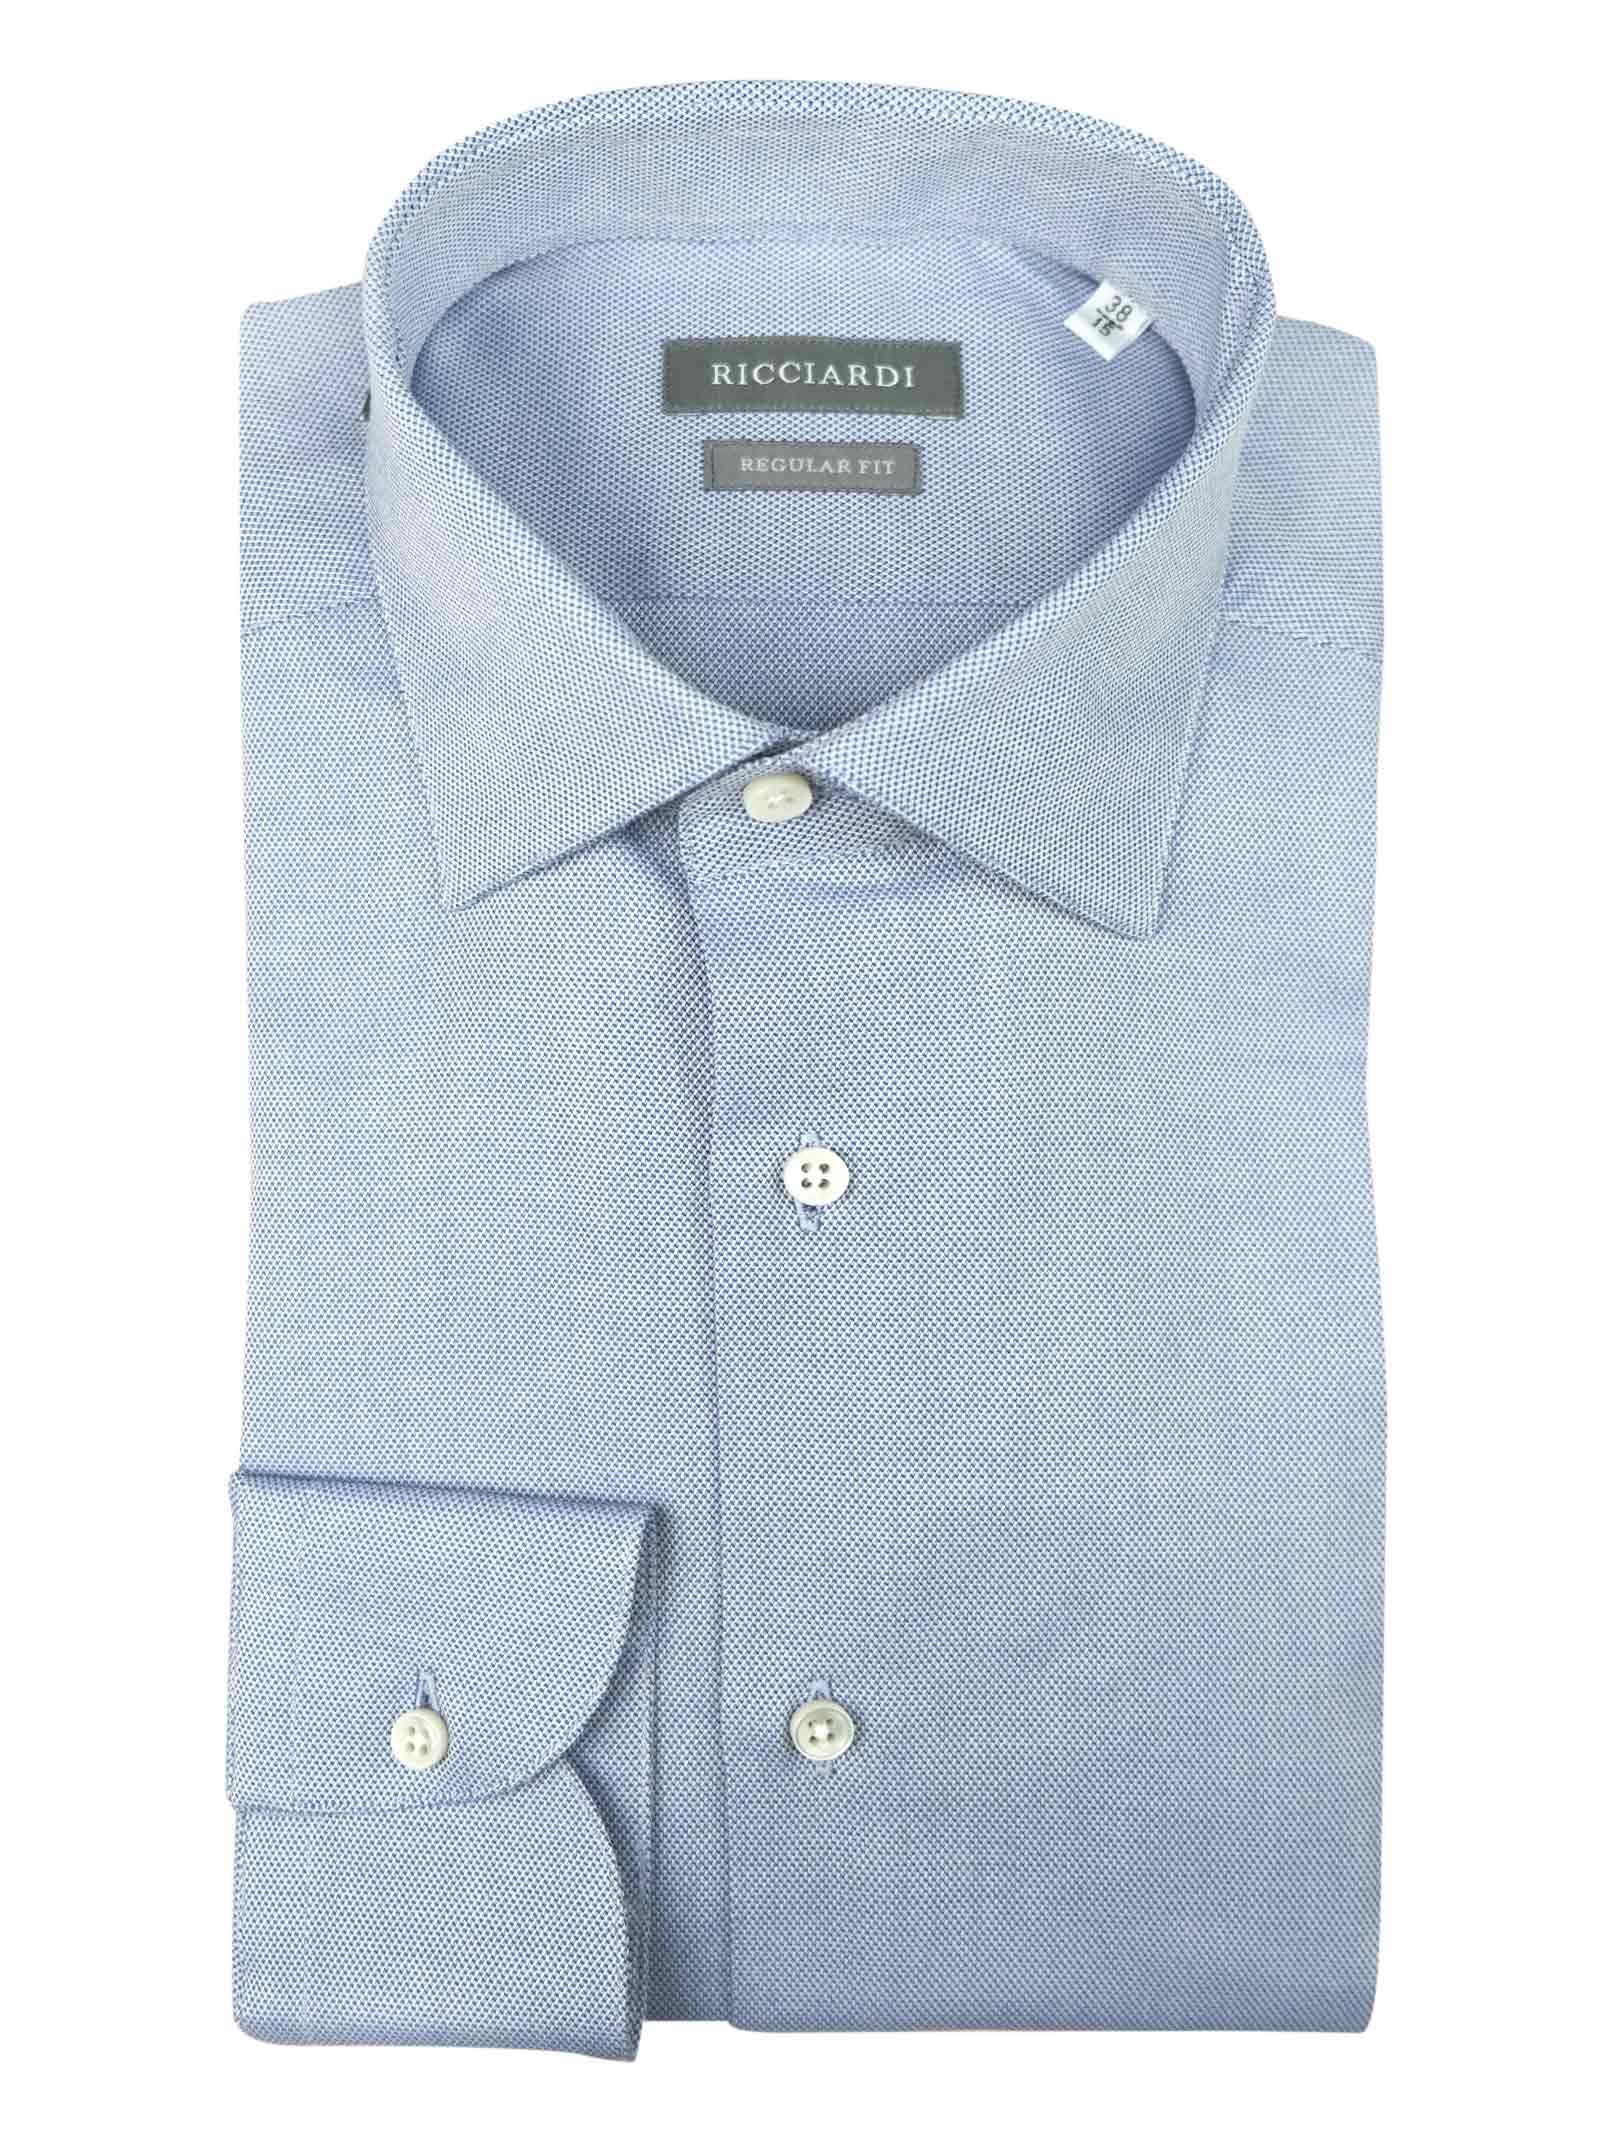 RICCIARDI   Shirts   AREDR030